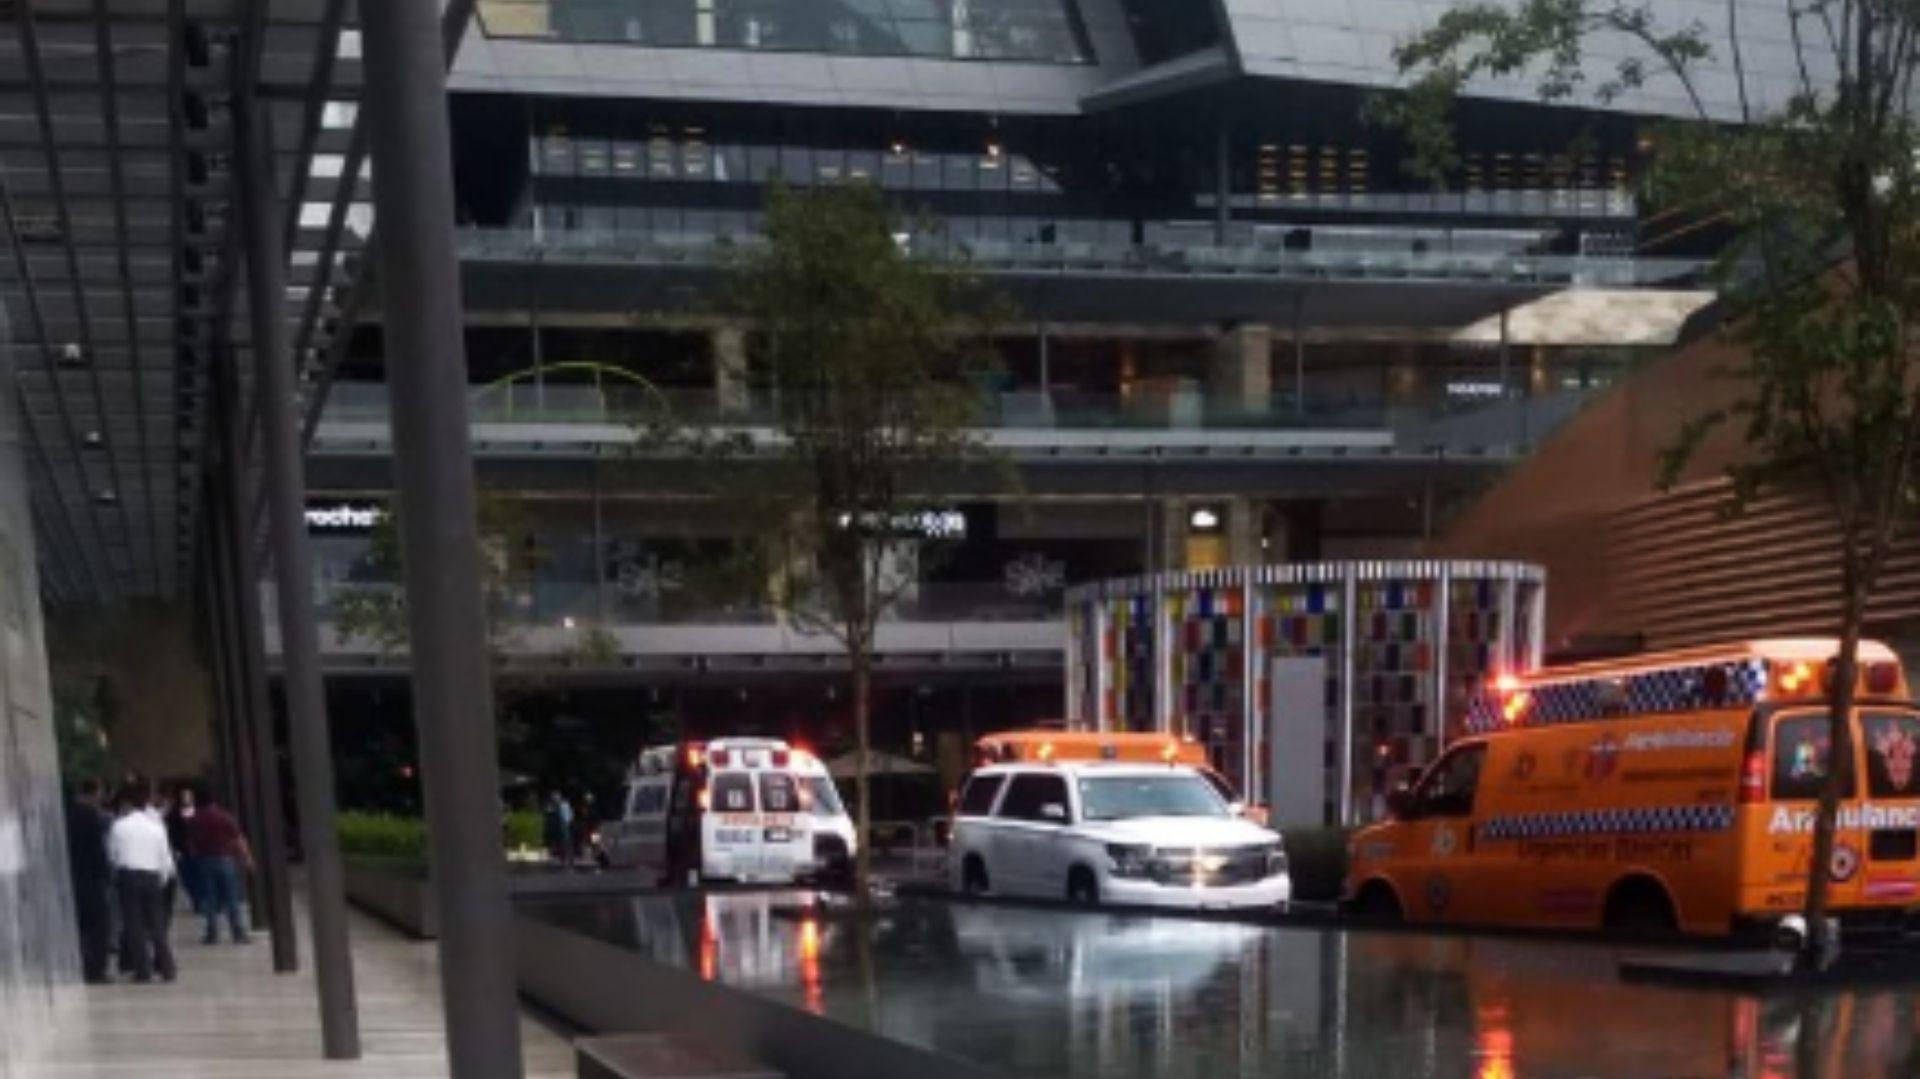 De inmediato llegaron ambulancias y seguridad al lugar tras la balacera la tarde de este miércoles (Foto: Twitter)